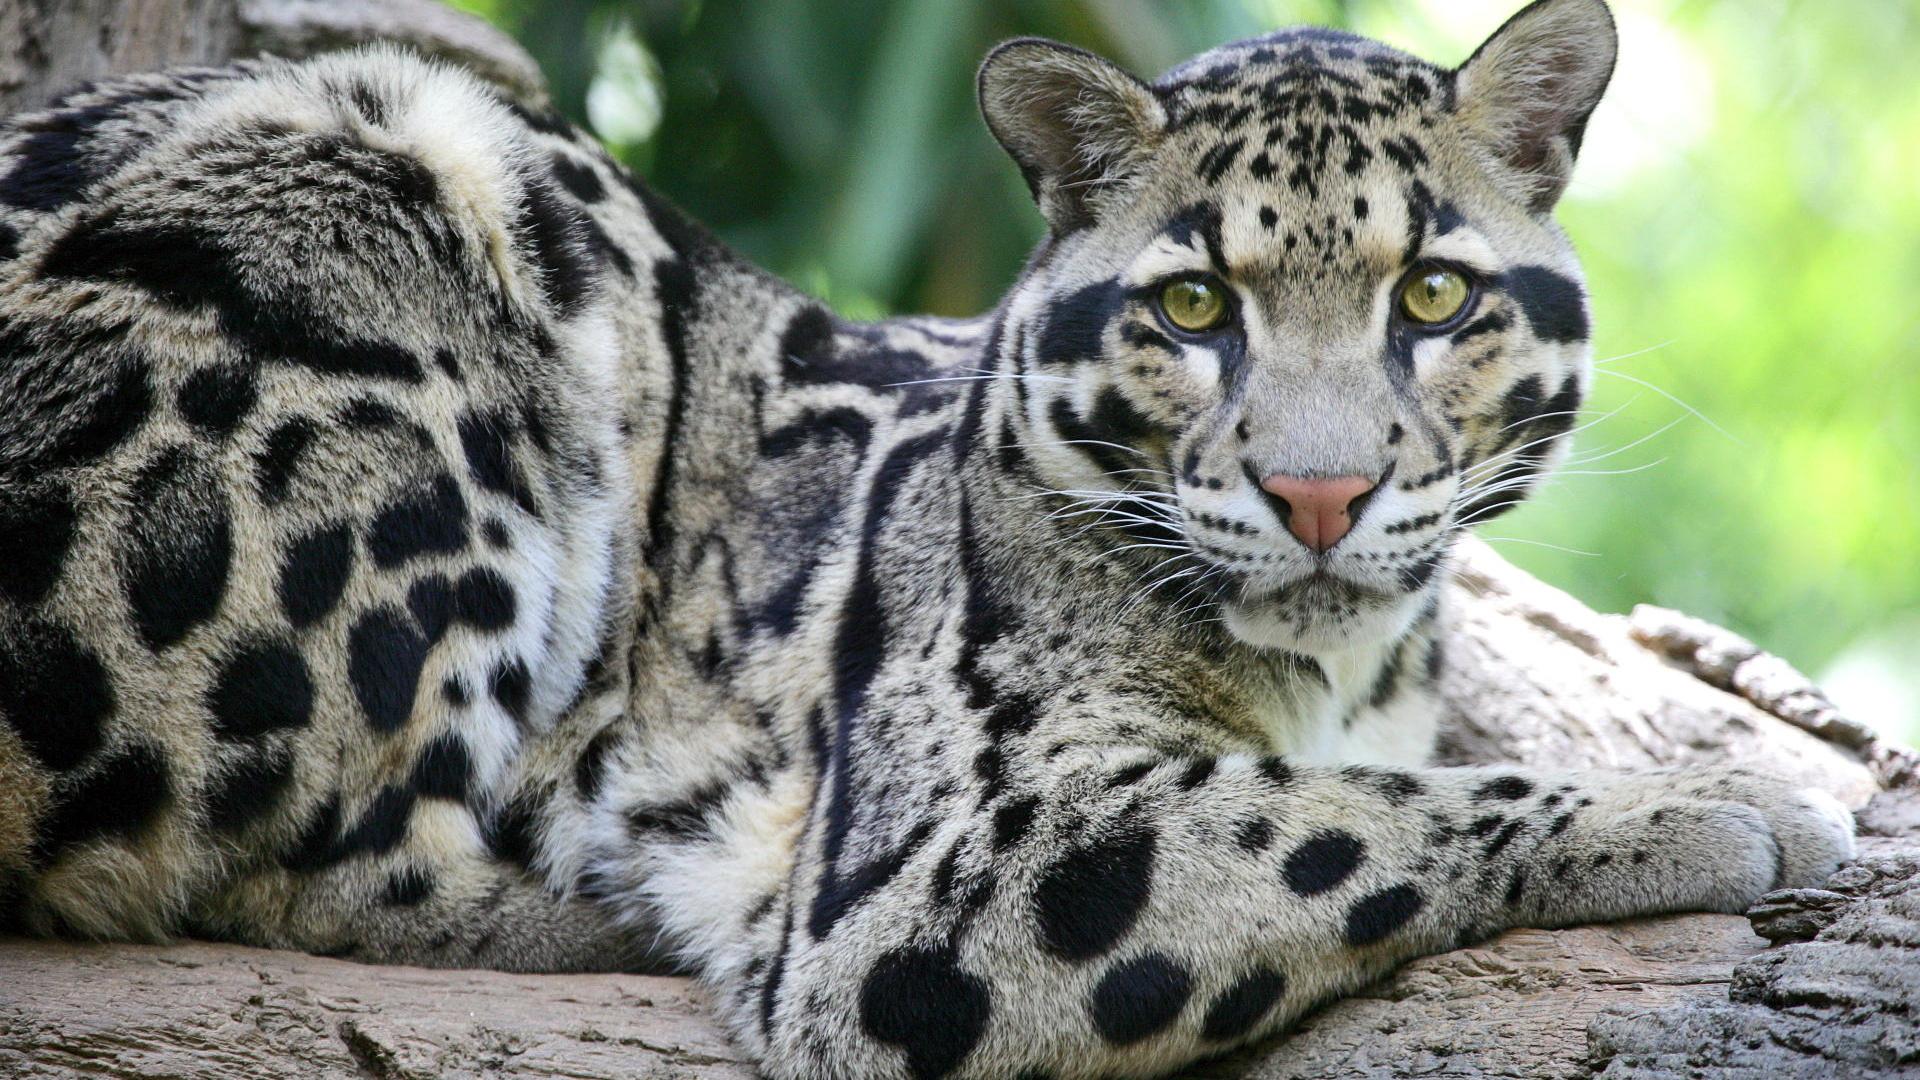 дикие кошки мира фото и названия потенциально обратимый